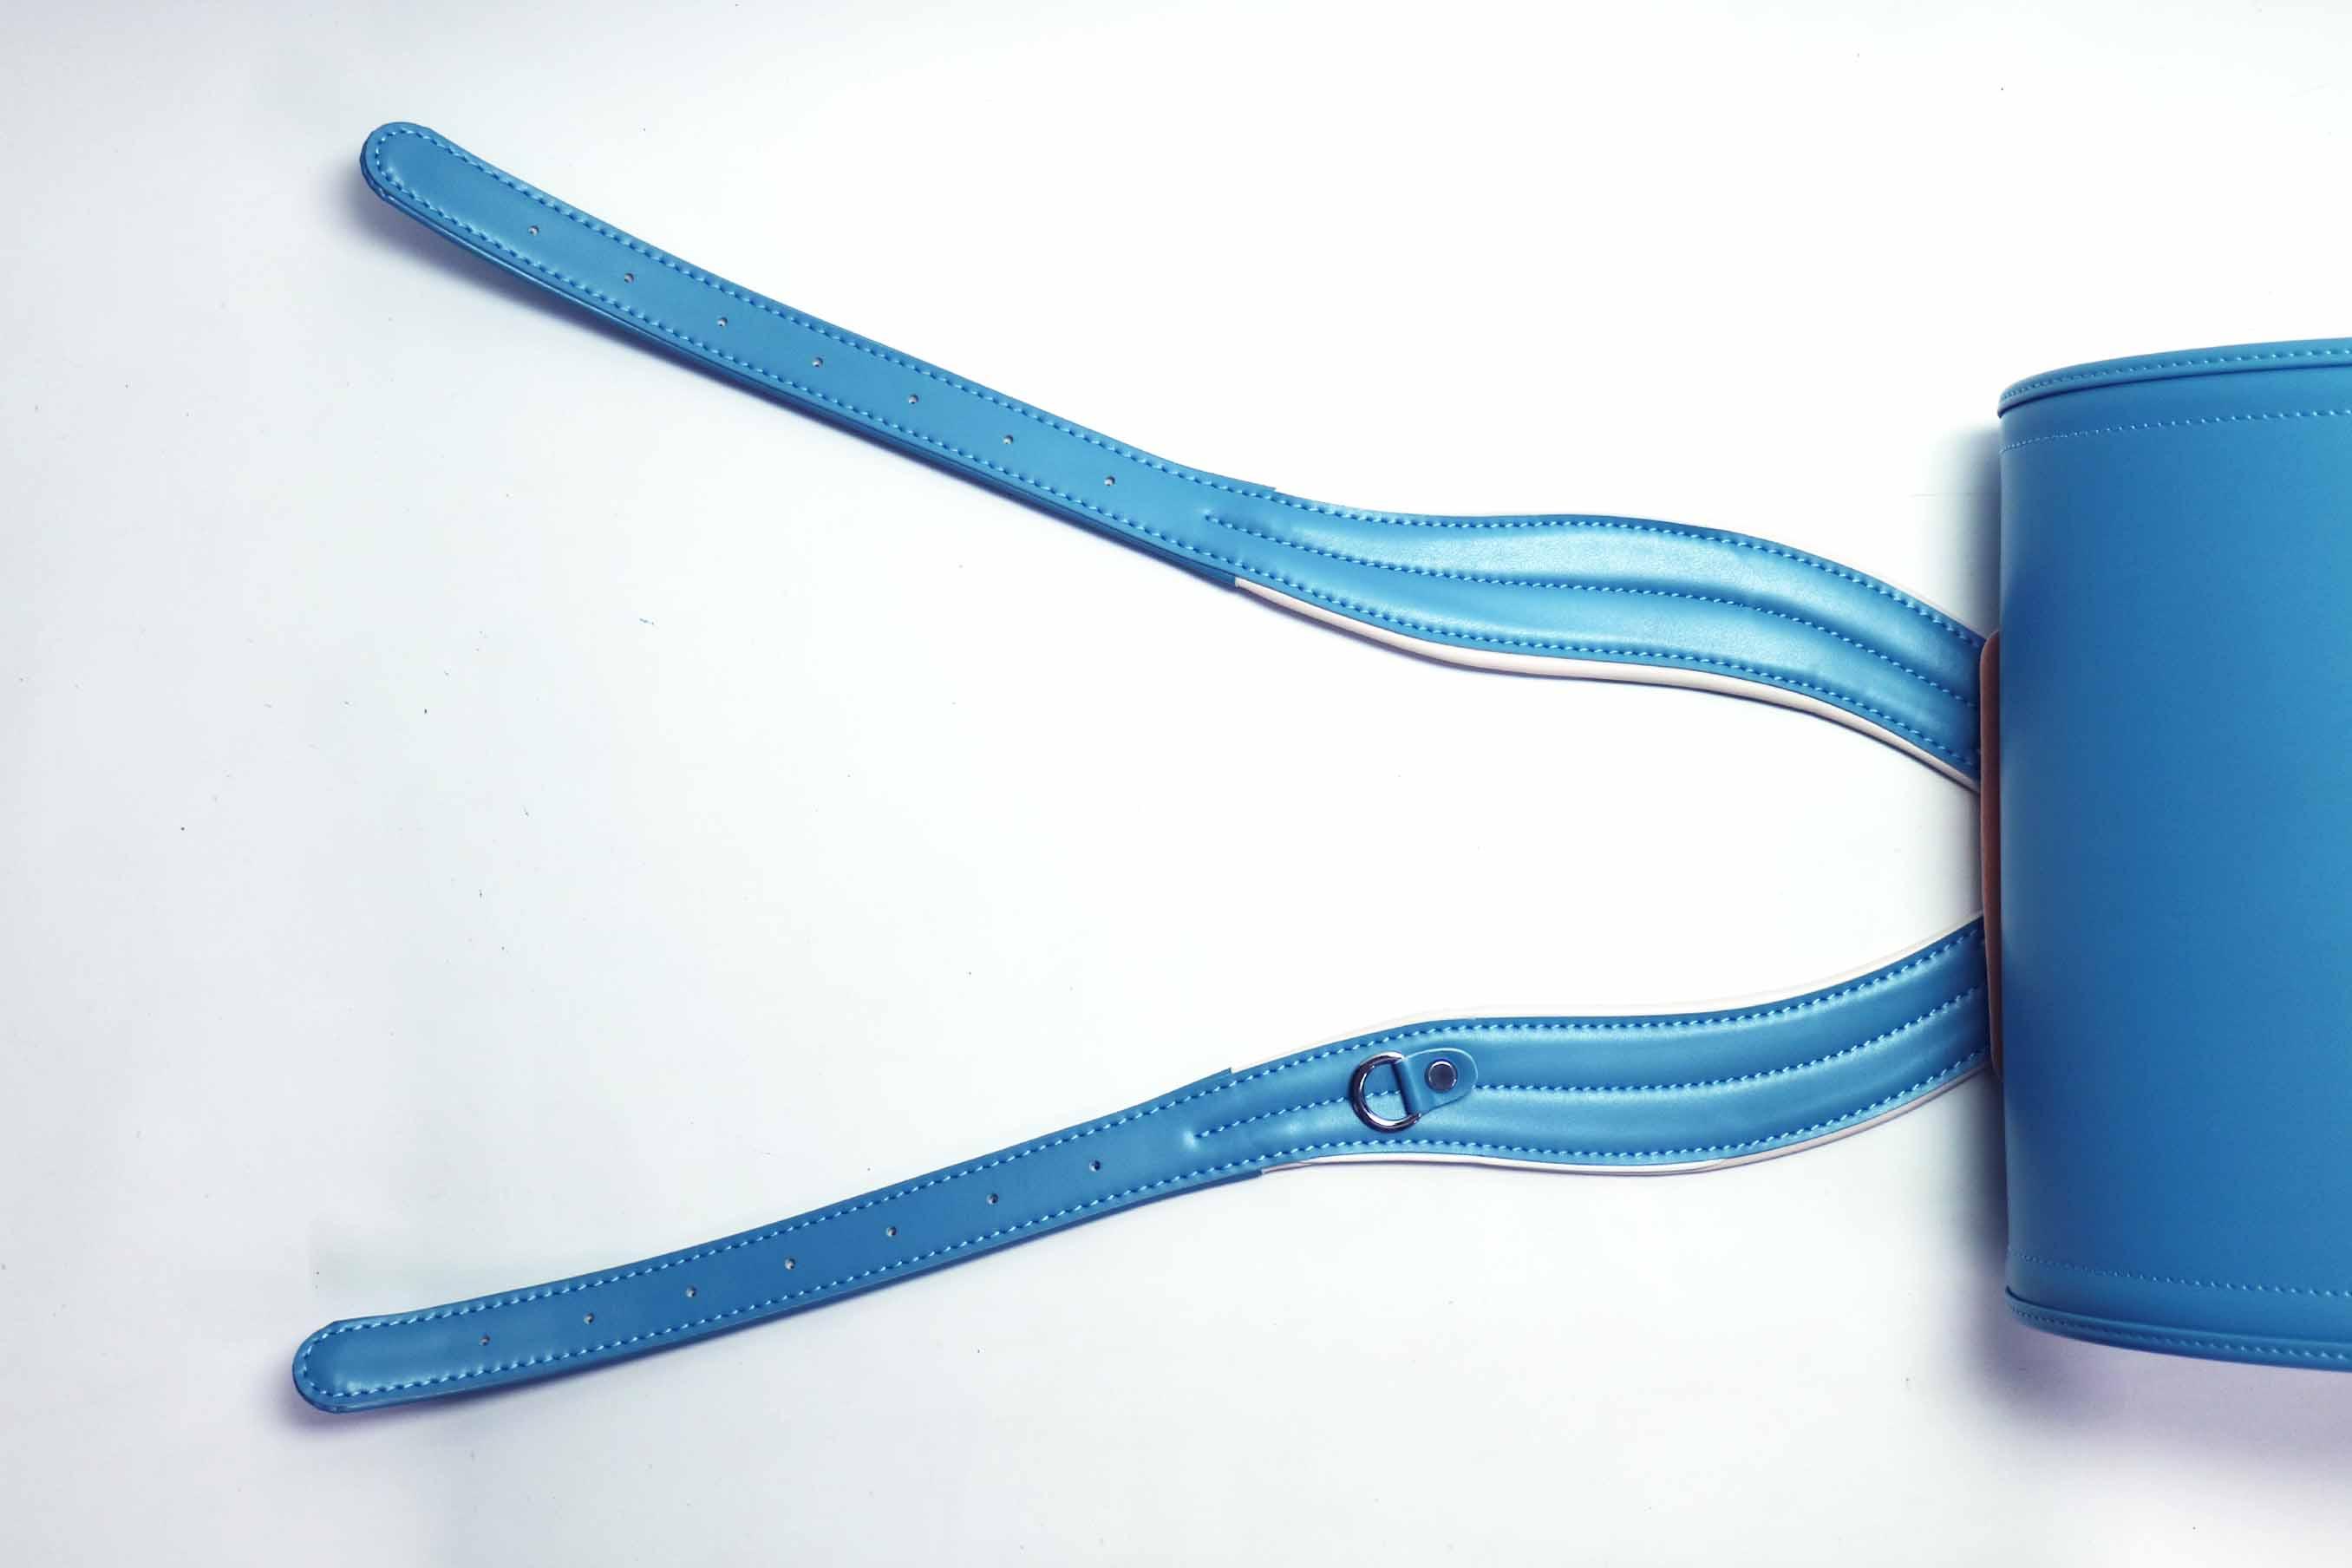 体が痛くなく、フィットして背負いやすいようにカーブを加えたベルト